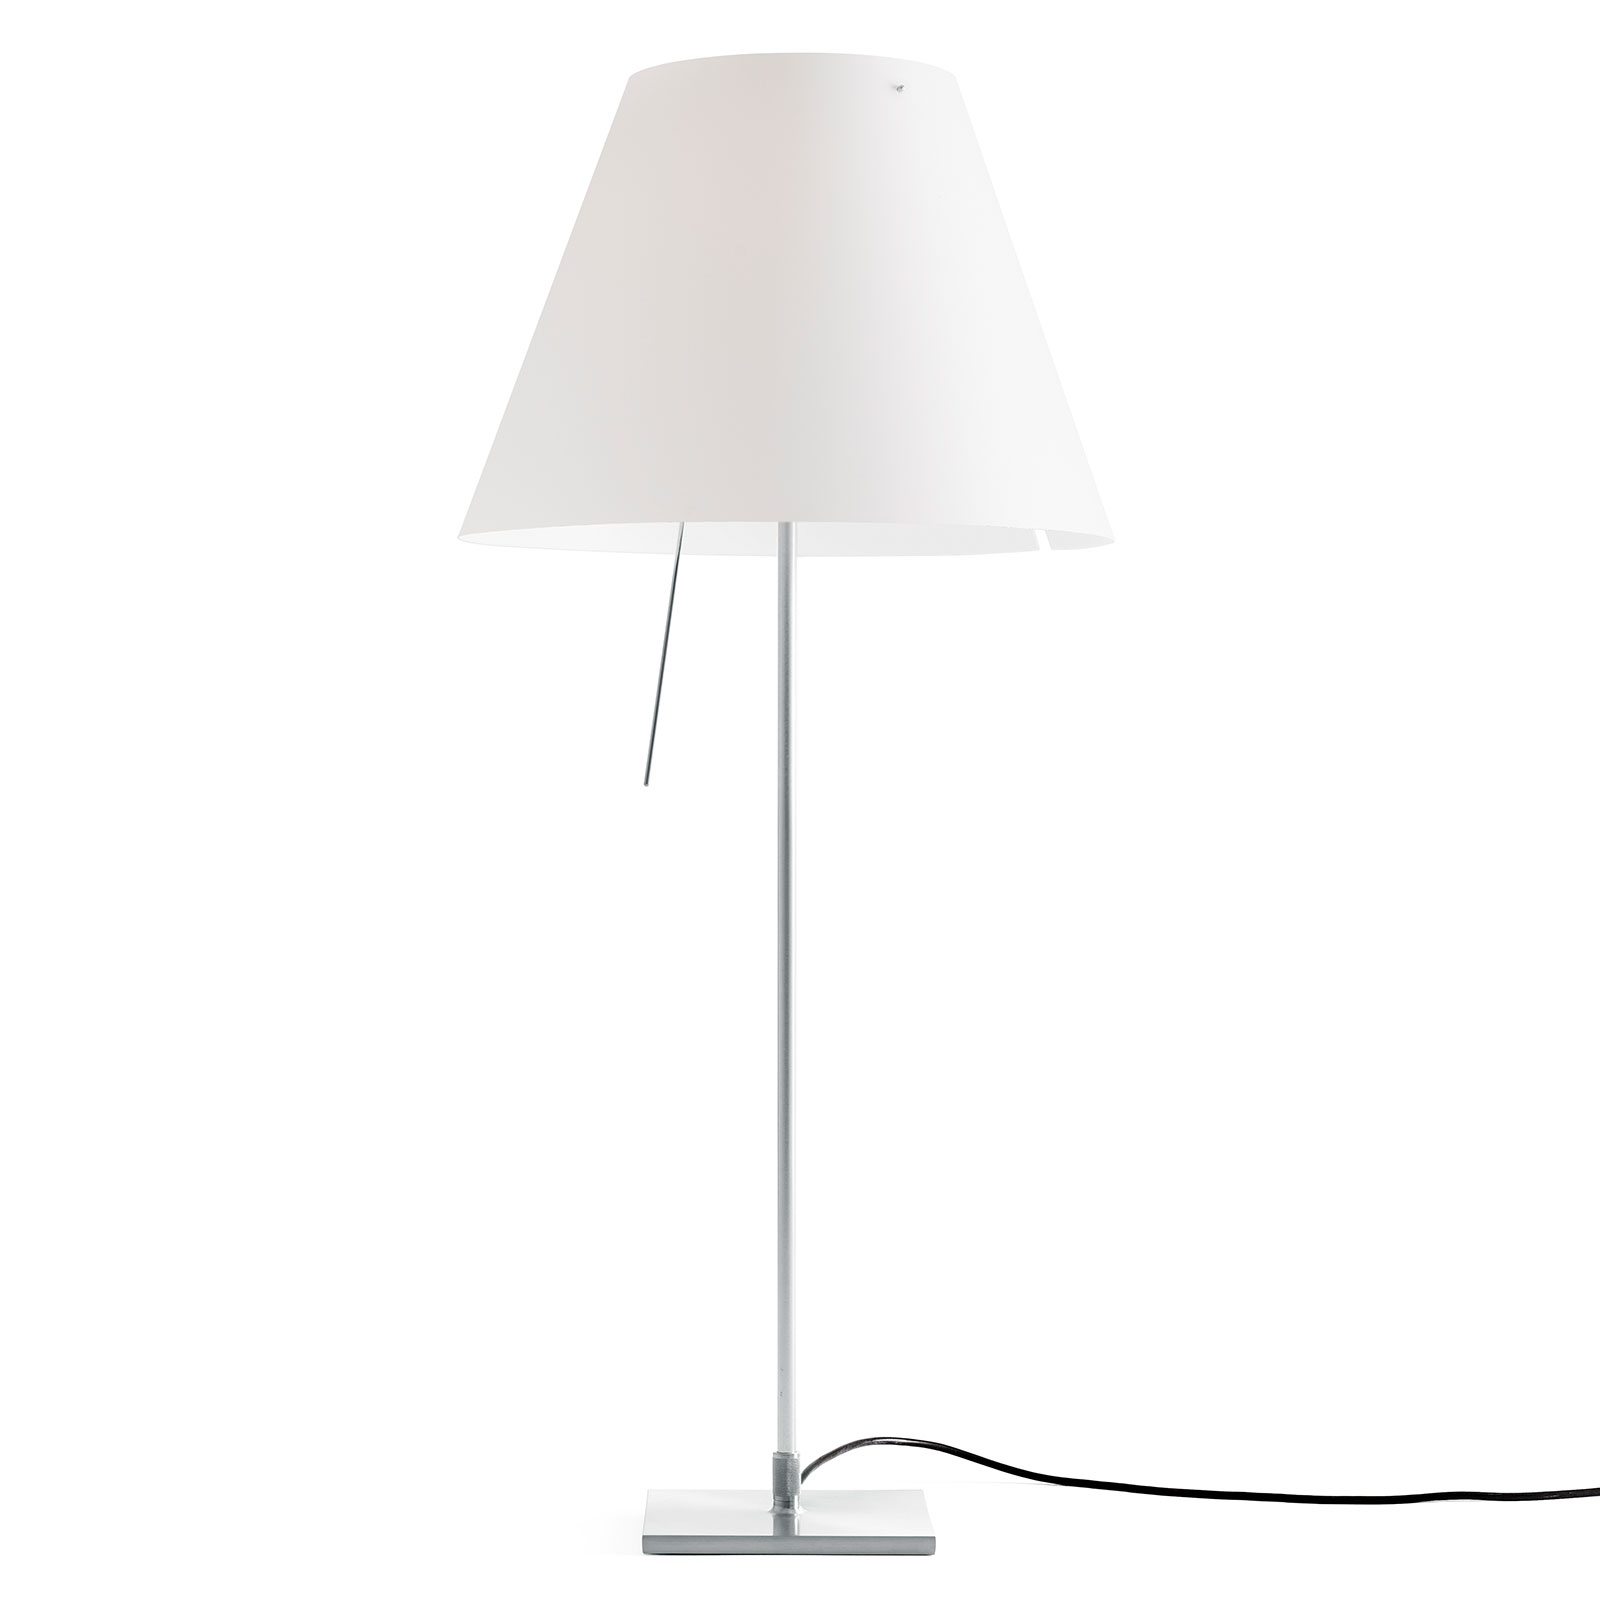 Luceplan Costanza Tischlampe D13if aluminium/weiß